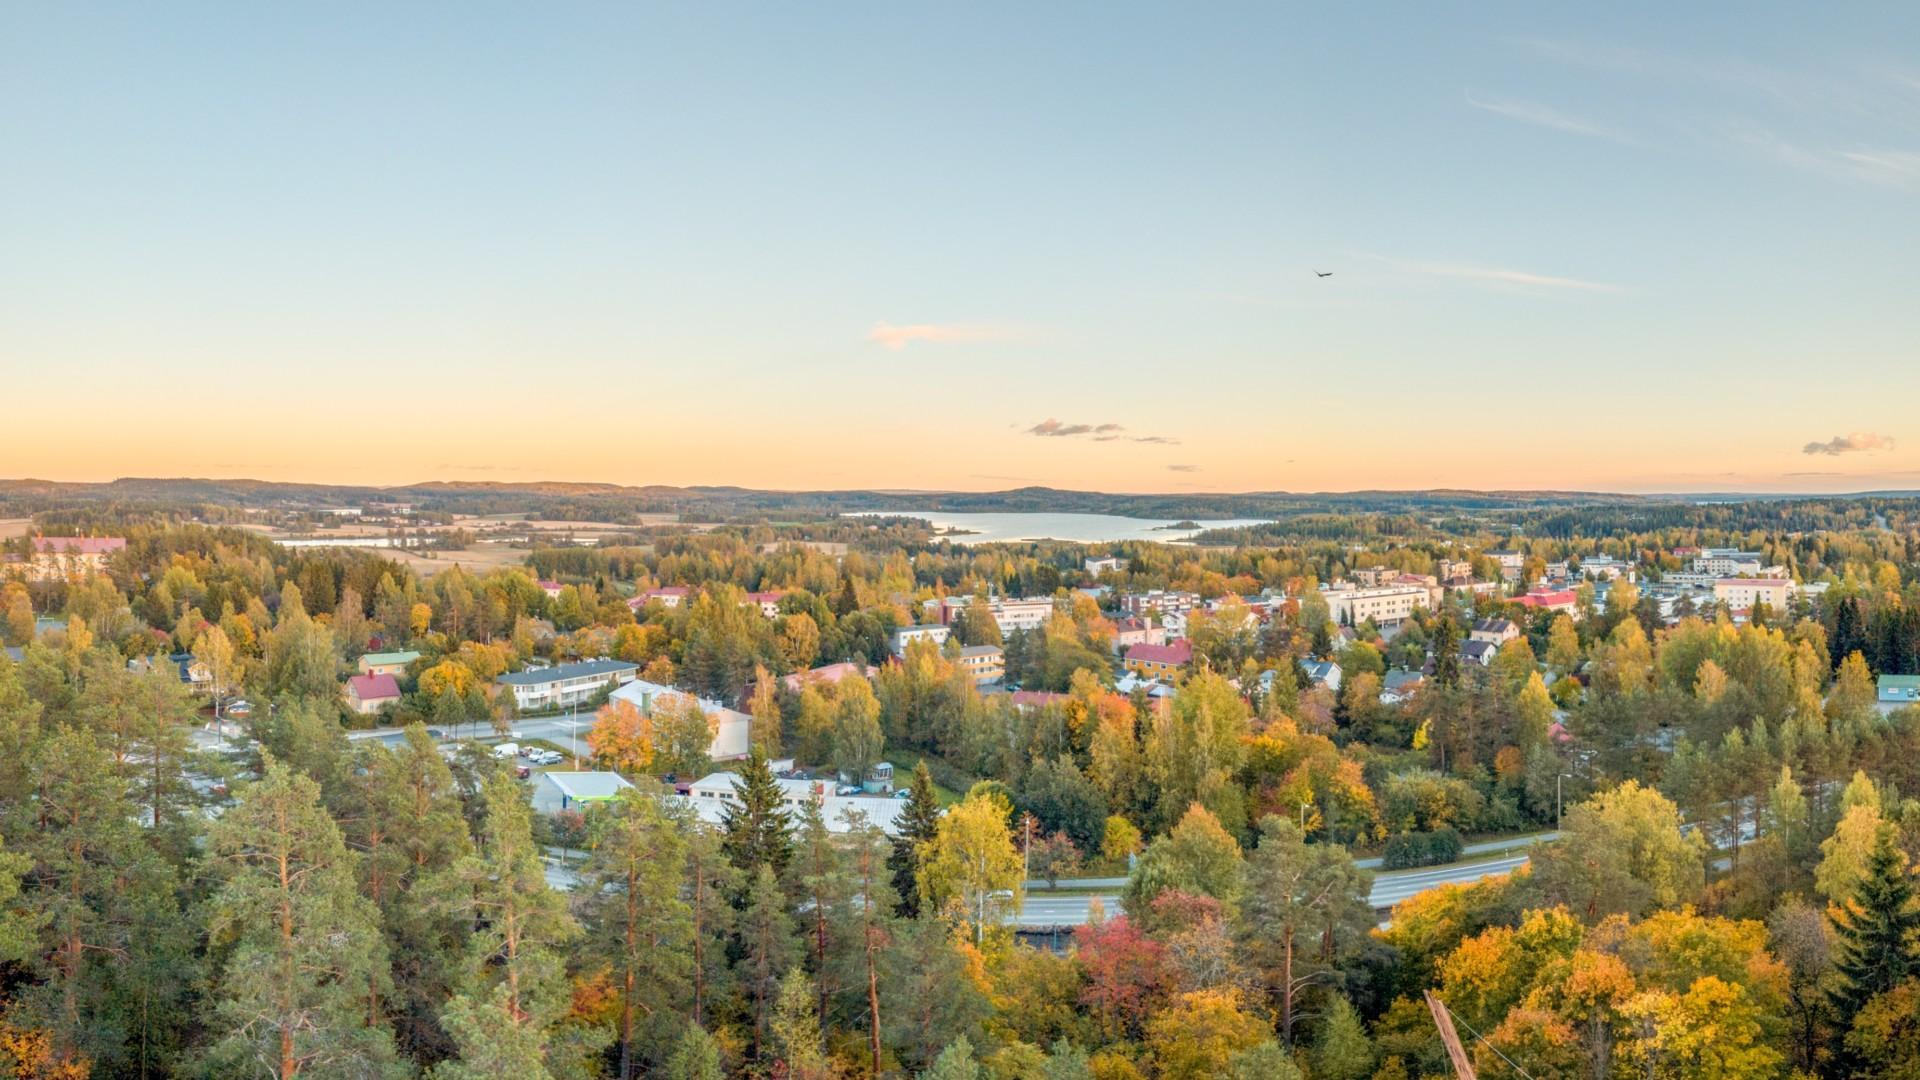 Oriveden keskustaa dronella kuvattuna Paltanmäeltä päin.